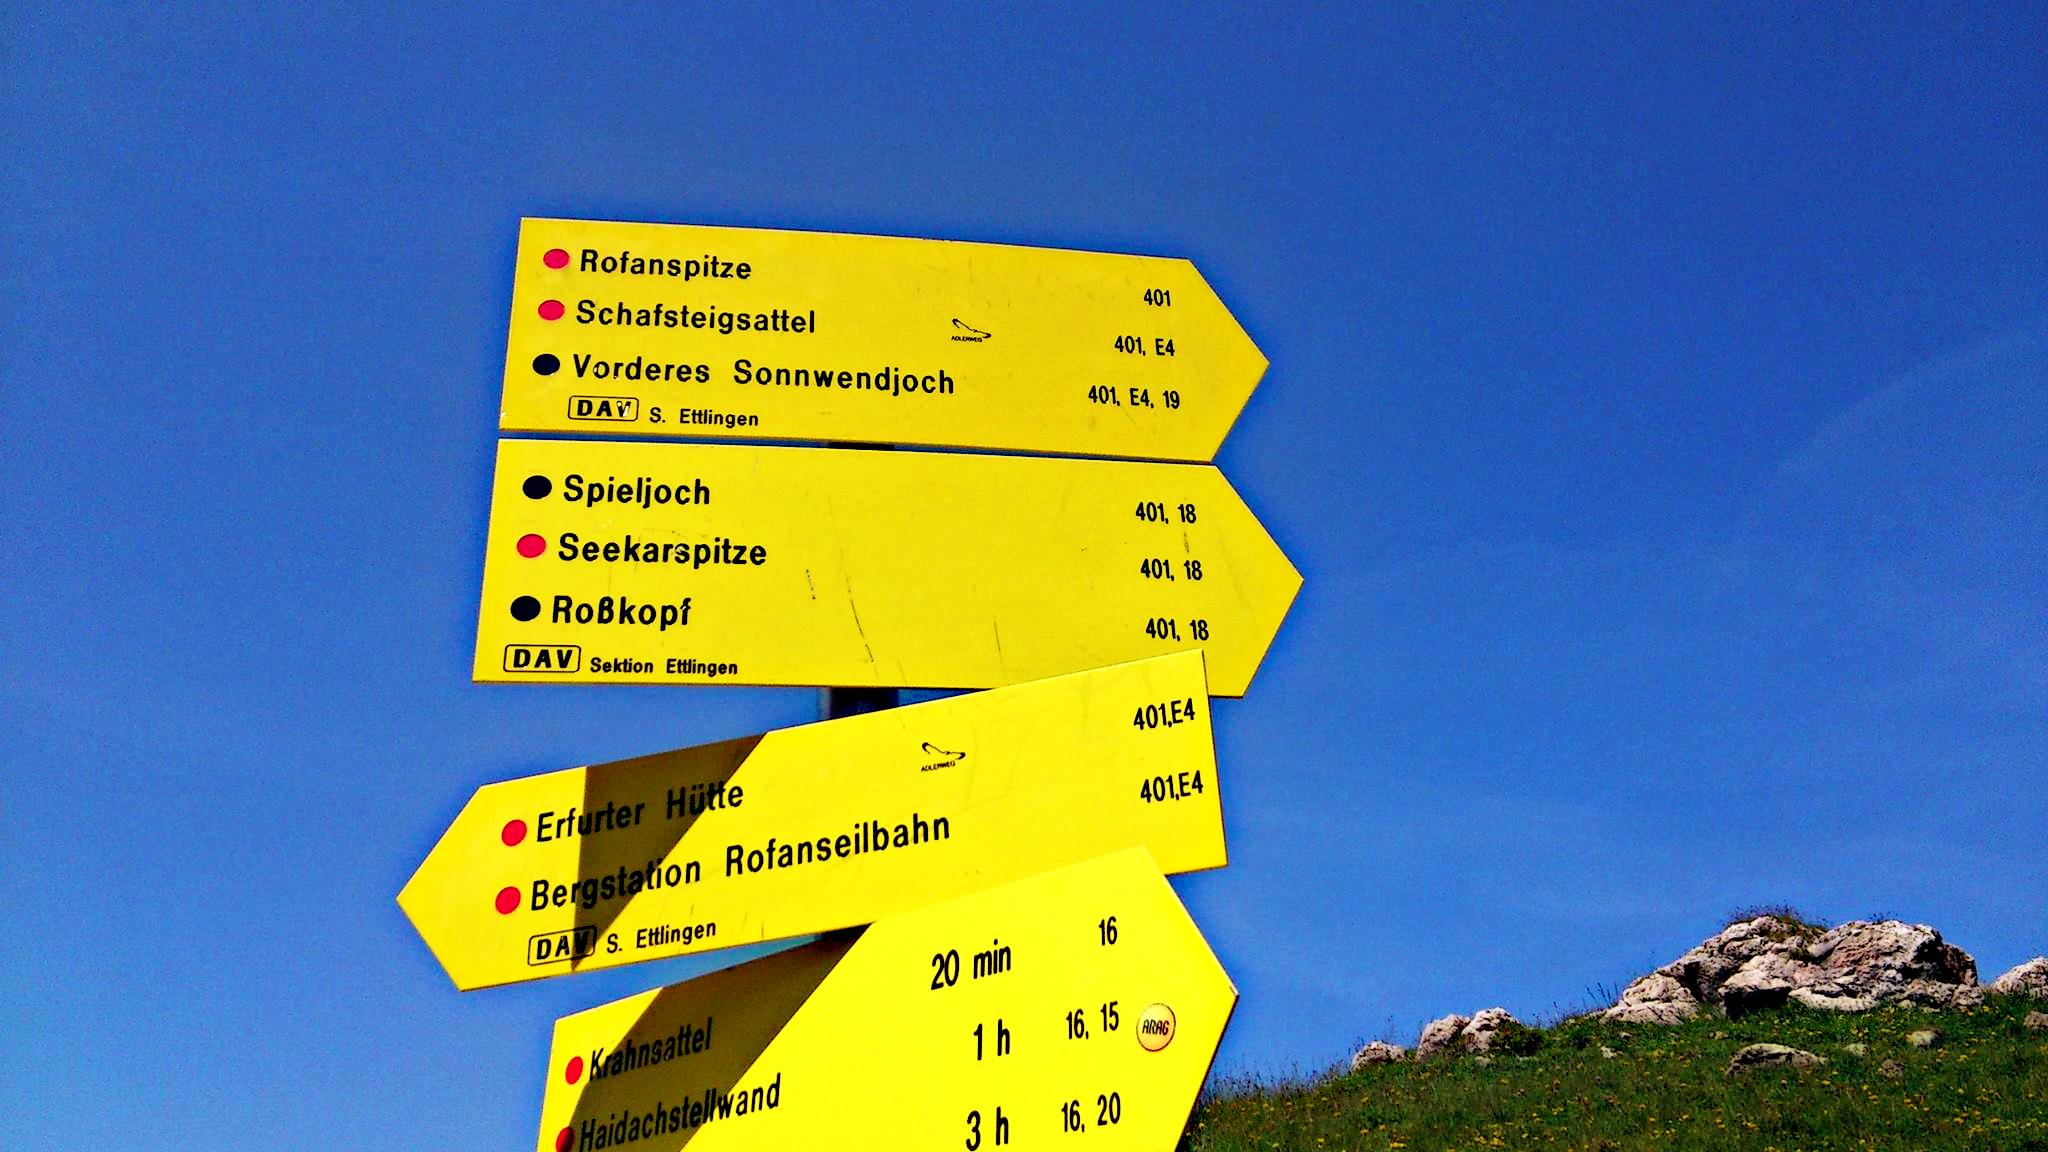 St. Georg zum Achensee Rofangebirge